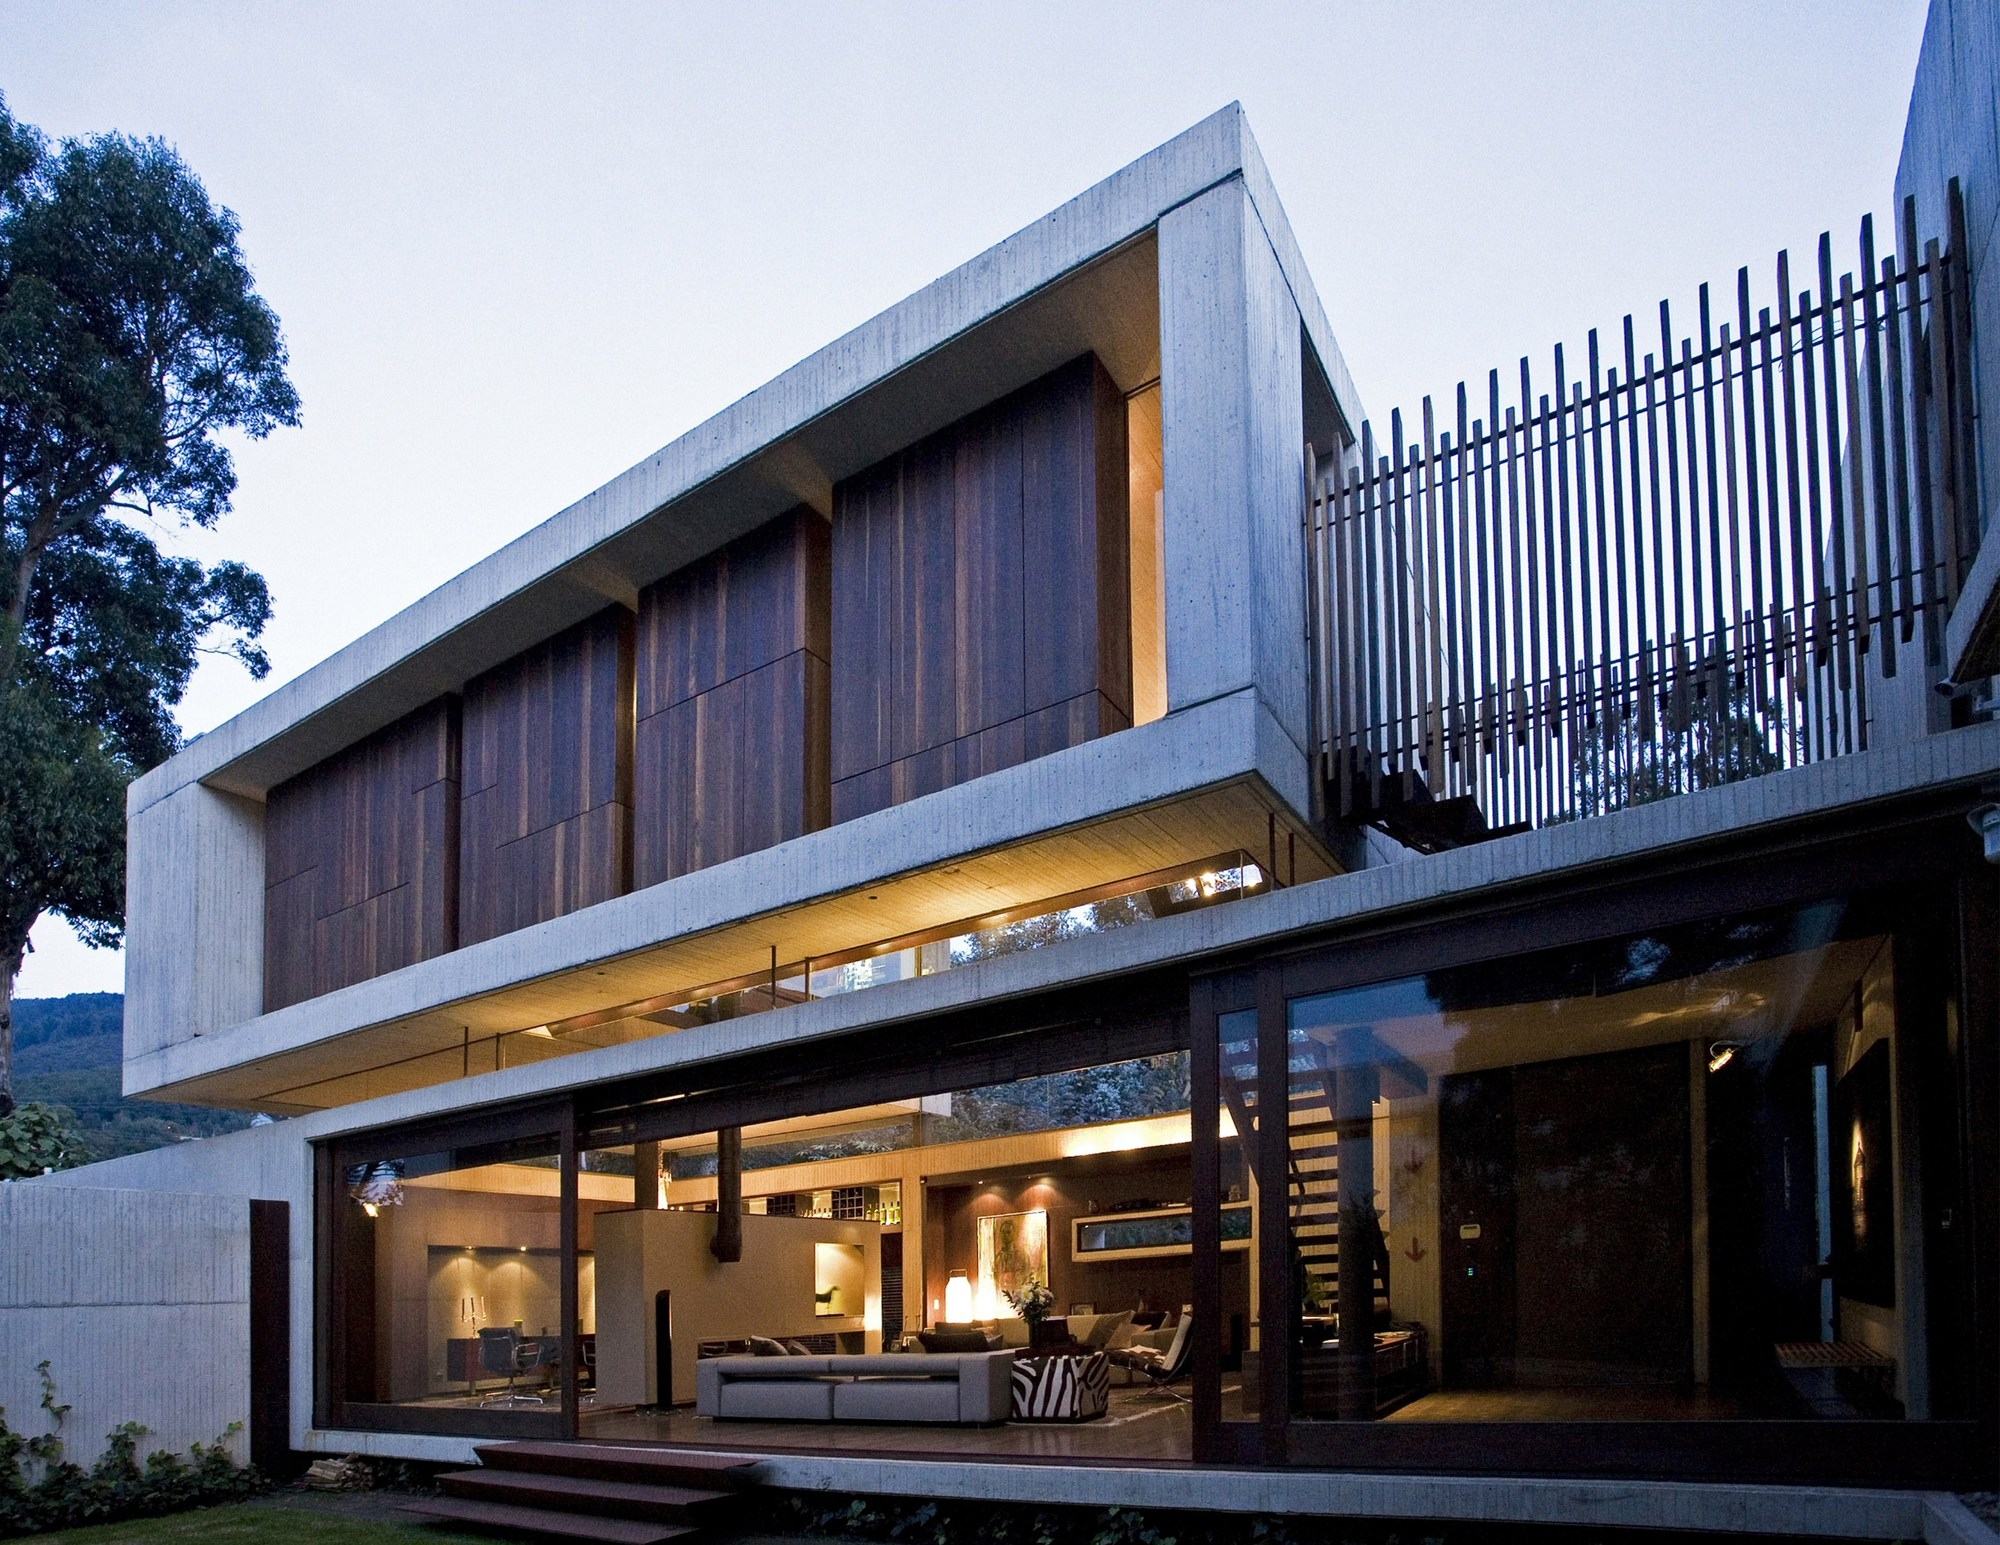 Casas mellizas mgp arquitectura y urbanismo plataforma Arquitectura y construccion de casas